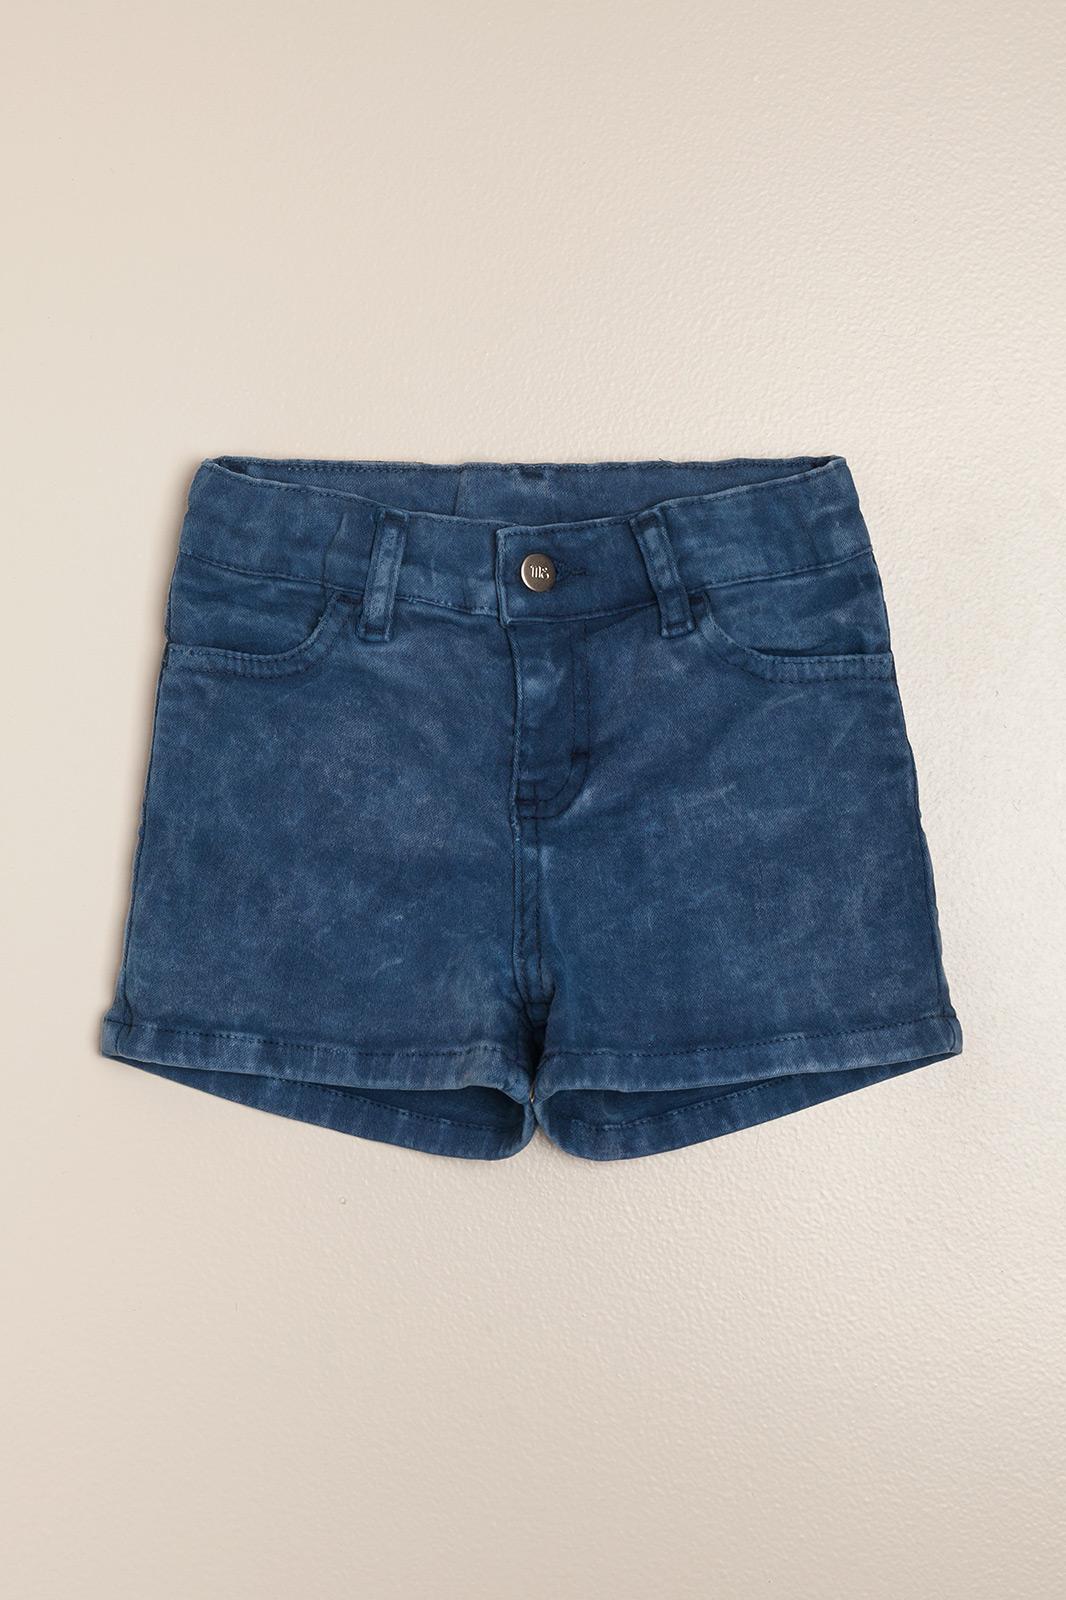 Short de gabardina azul